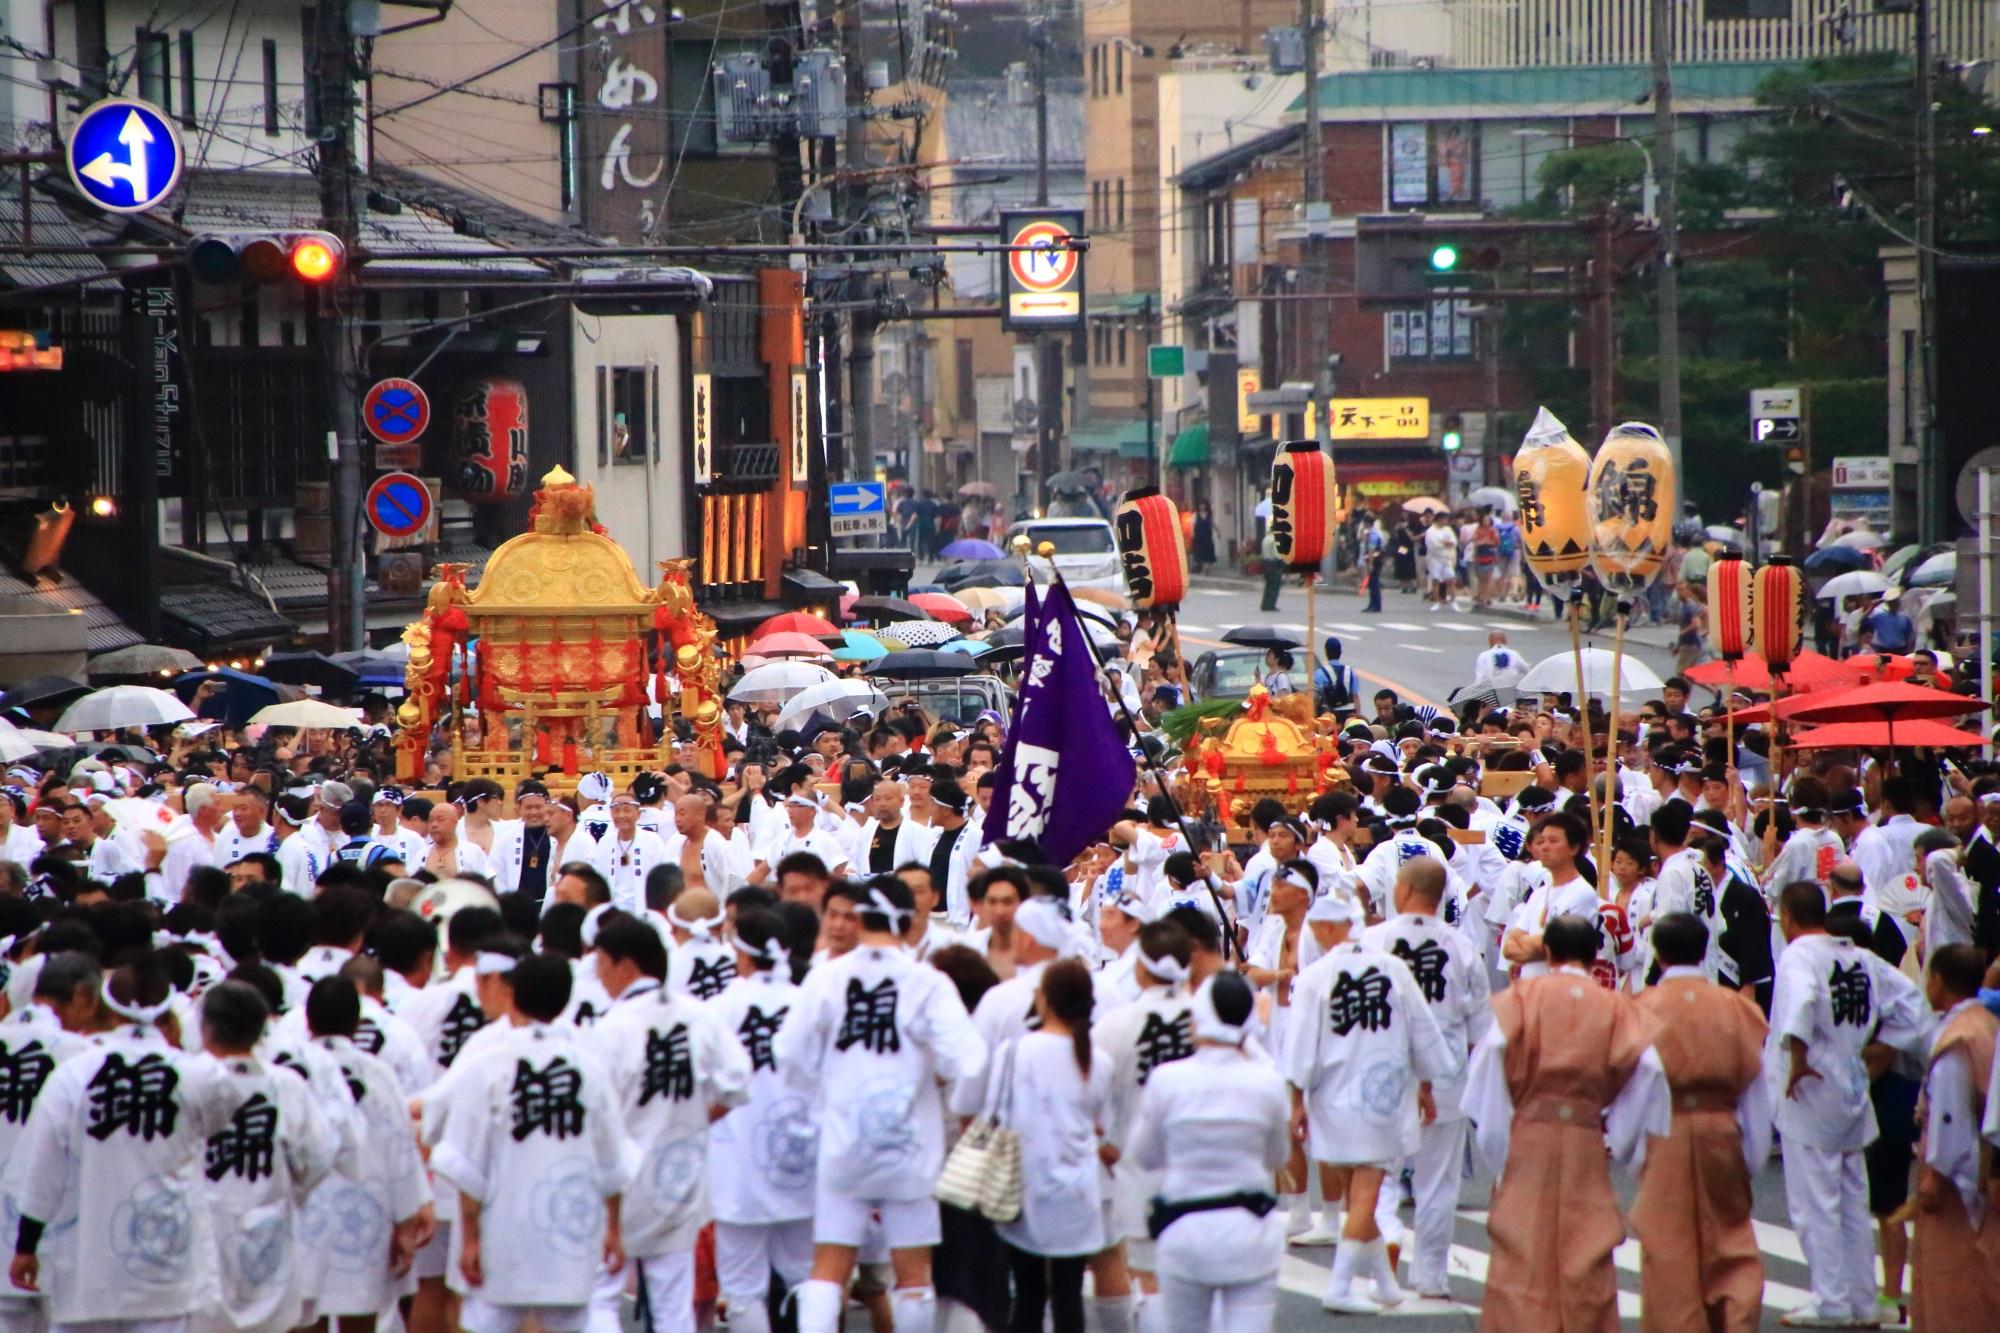 祇園祭の神幸祭の神輿の差し上げ